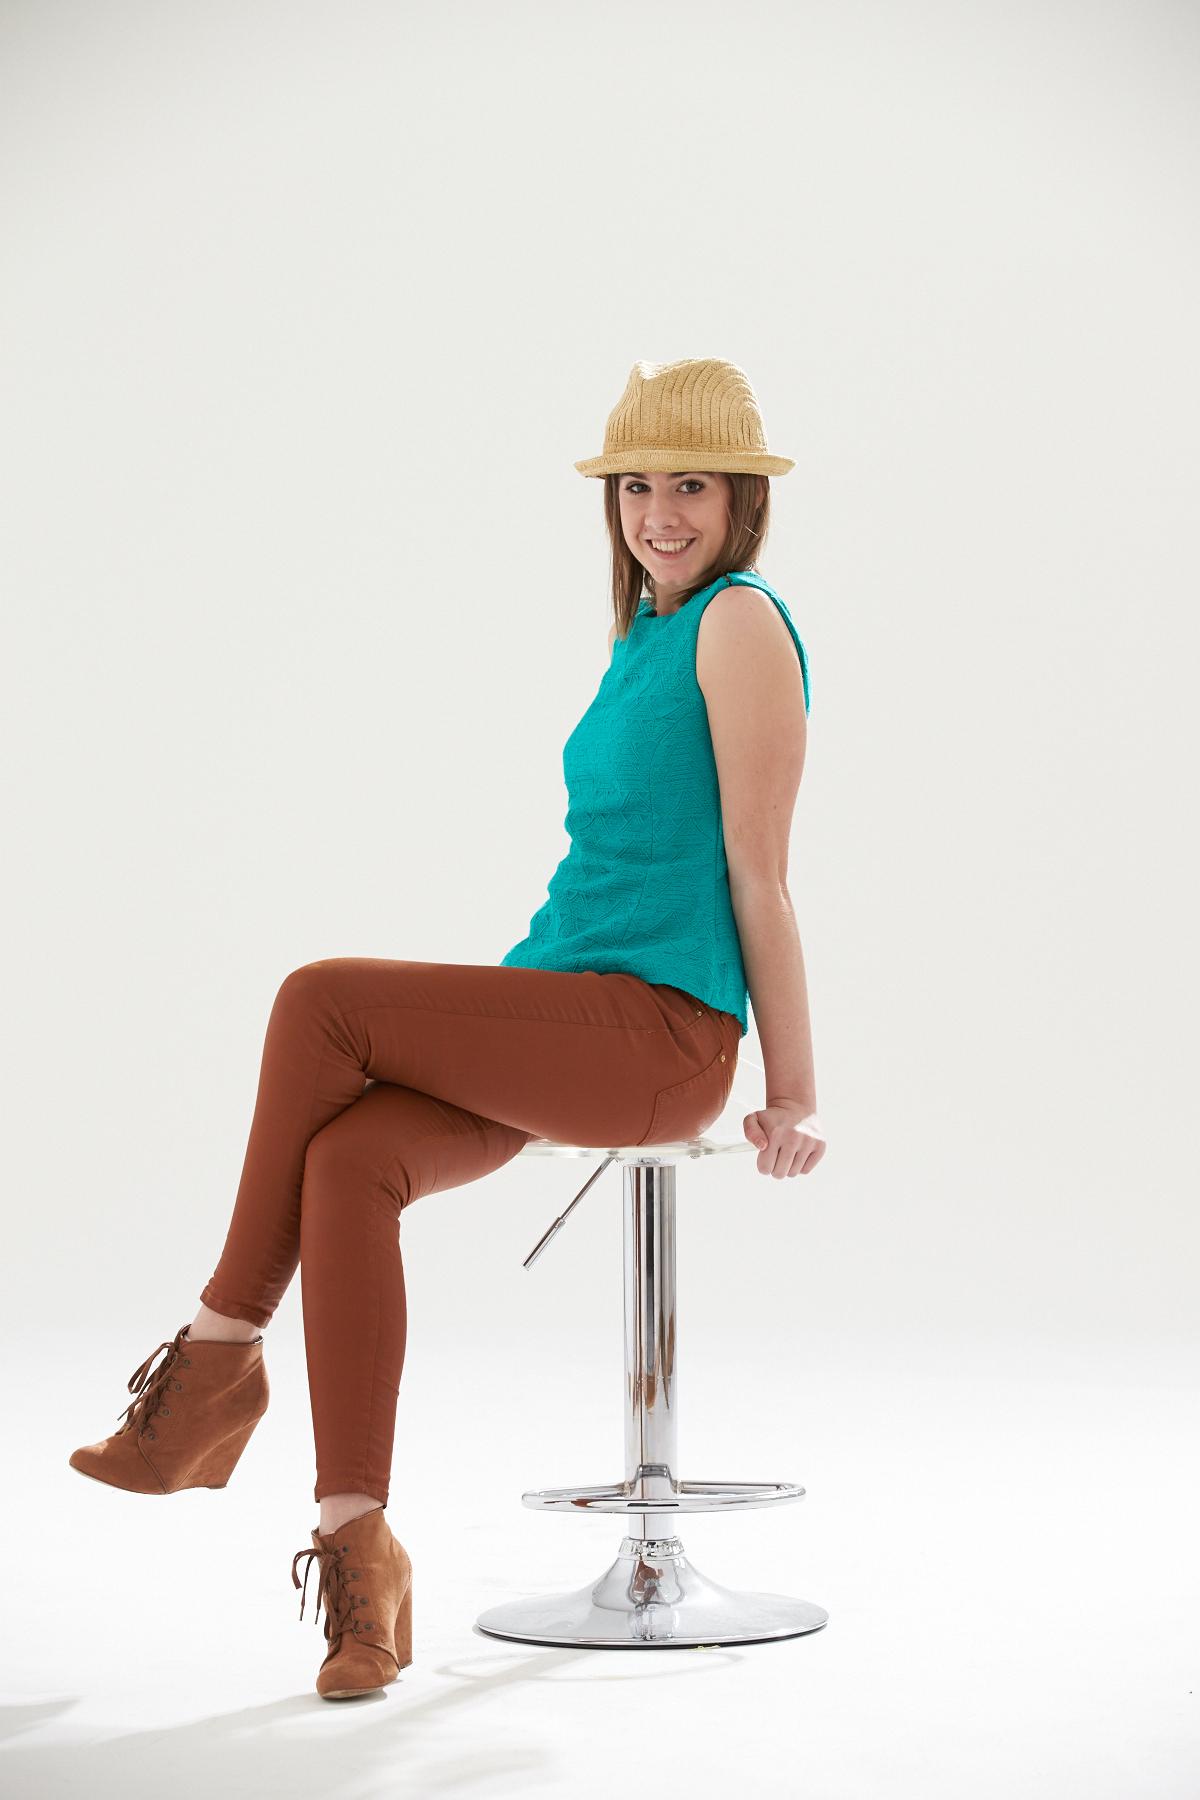 Roxy-auf-Weiss-02-3883